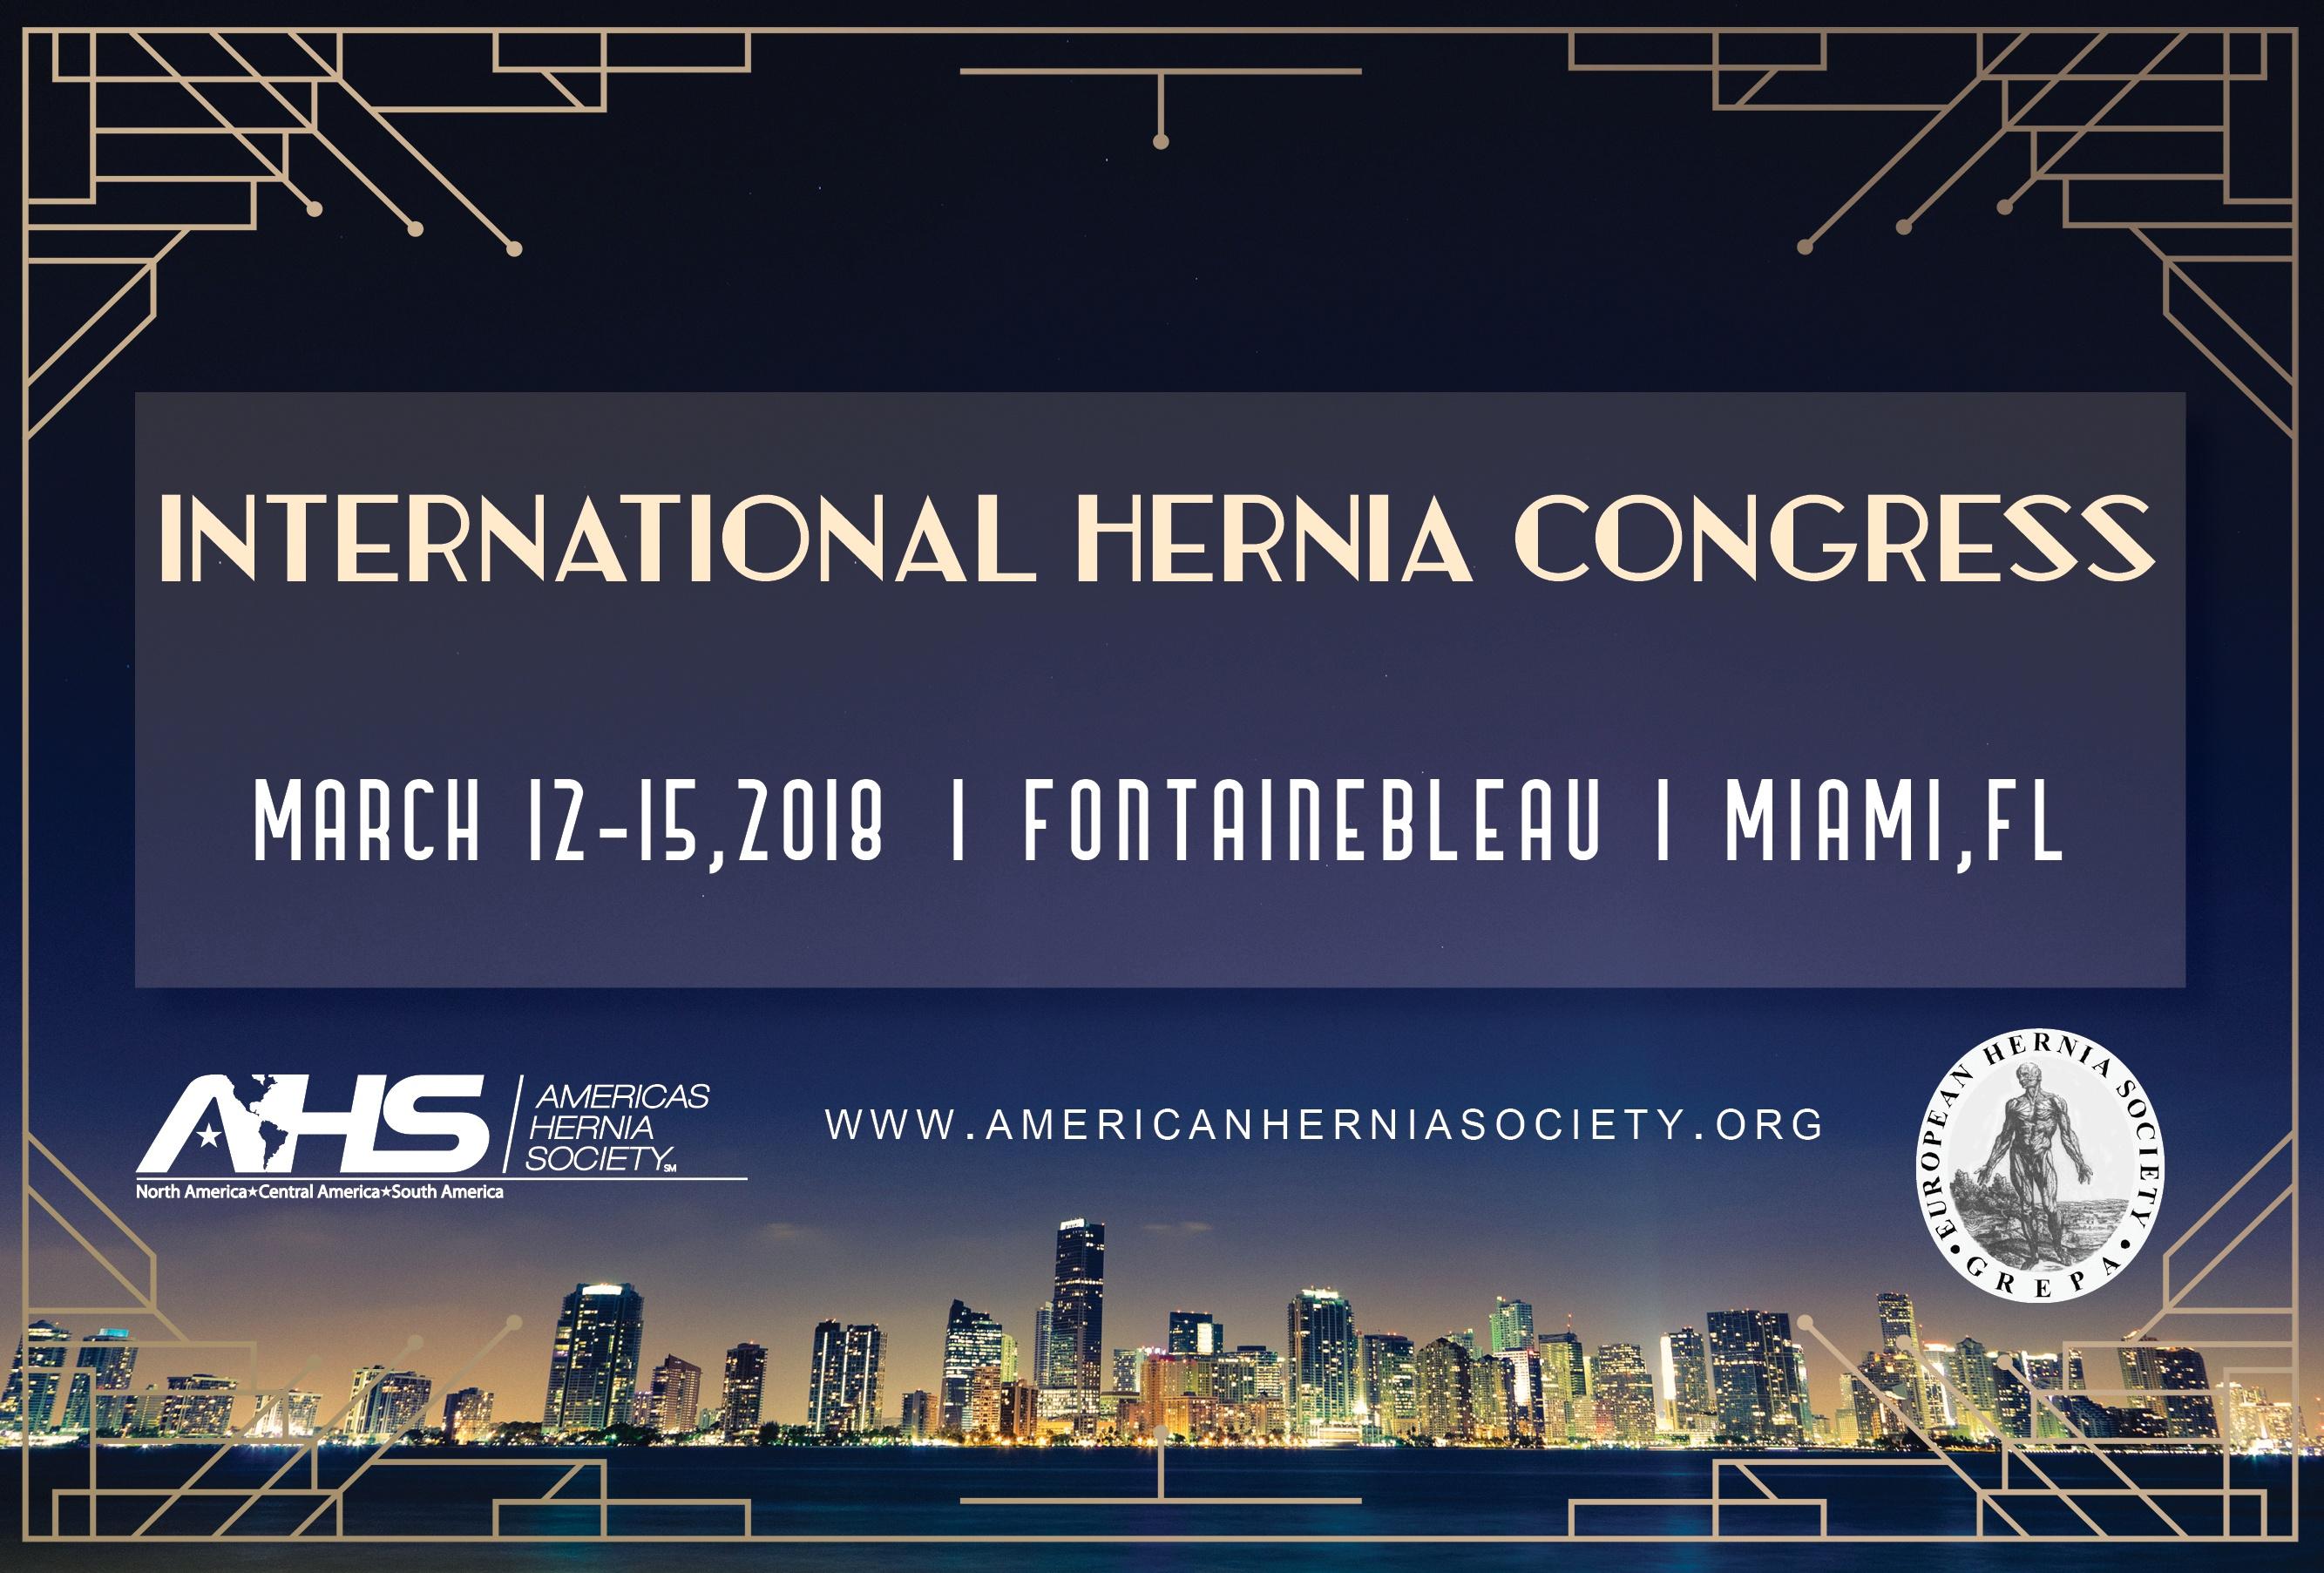 International Hernia Congress